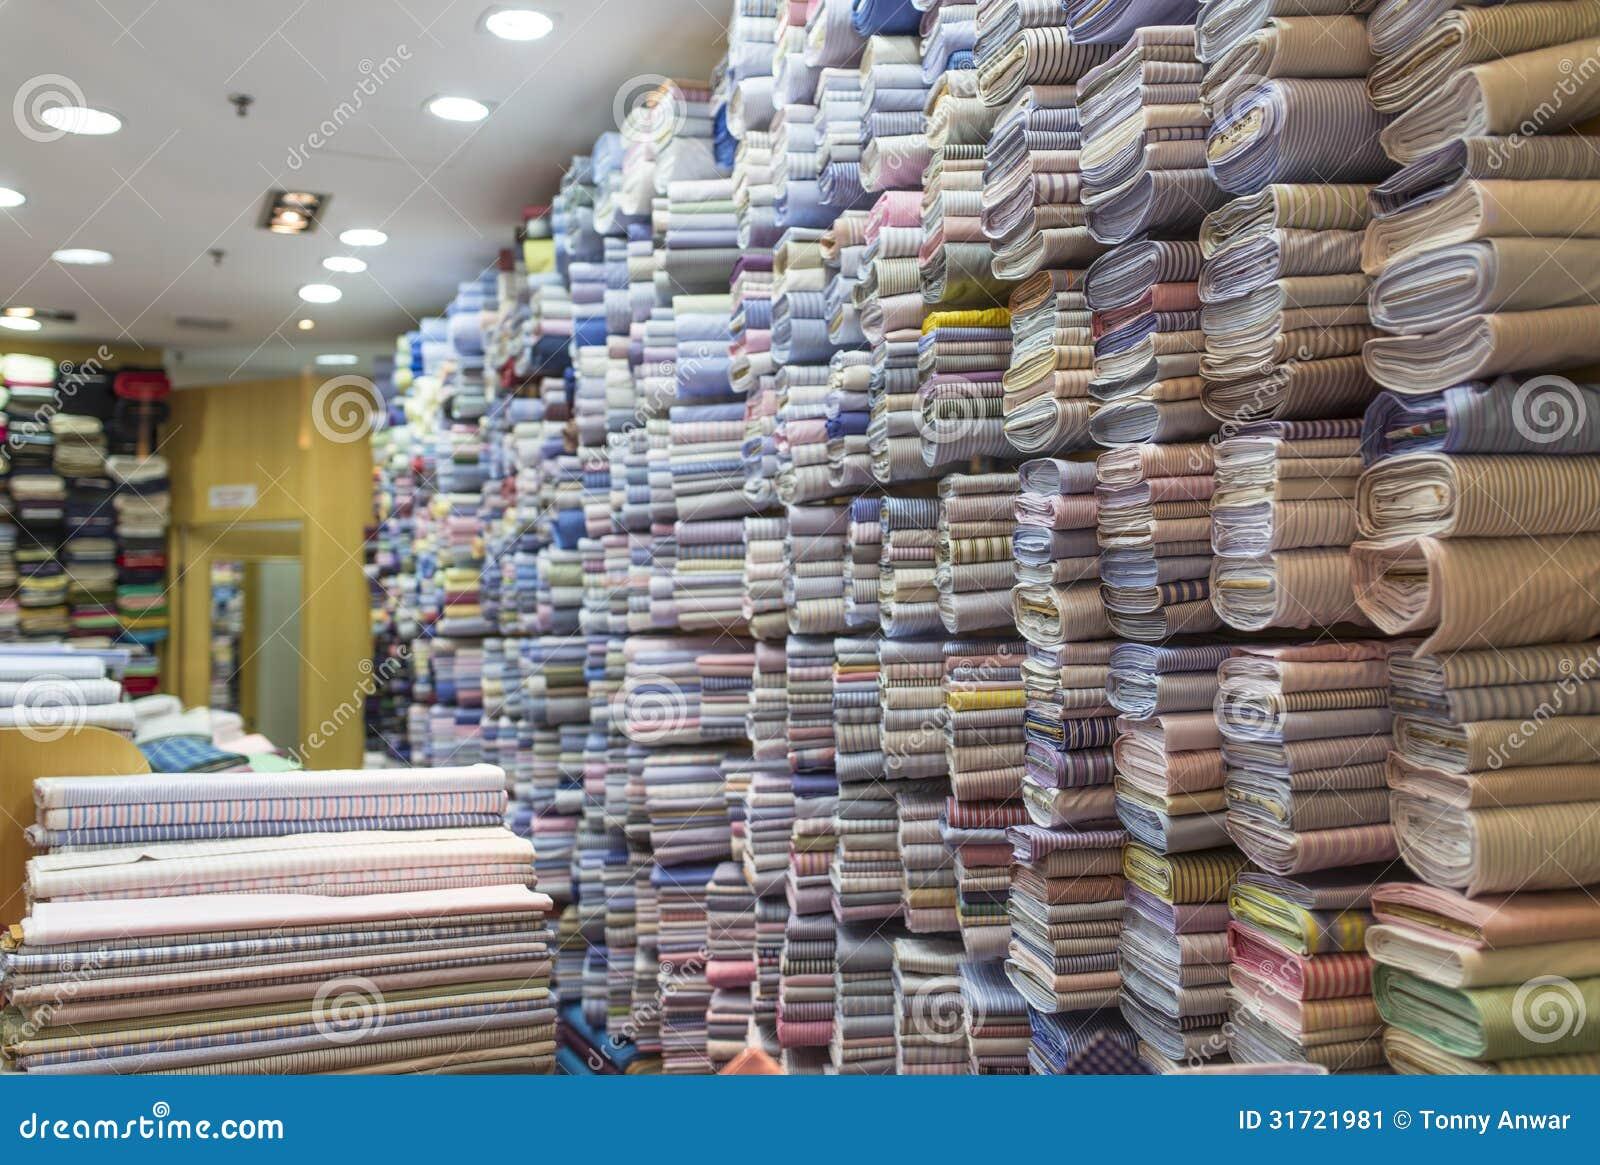 Тканевый магазин купить краситель для ткани rit купить